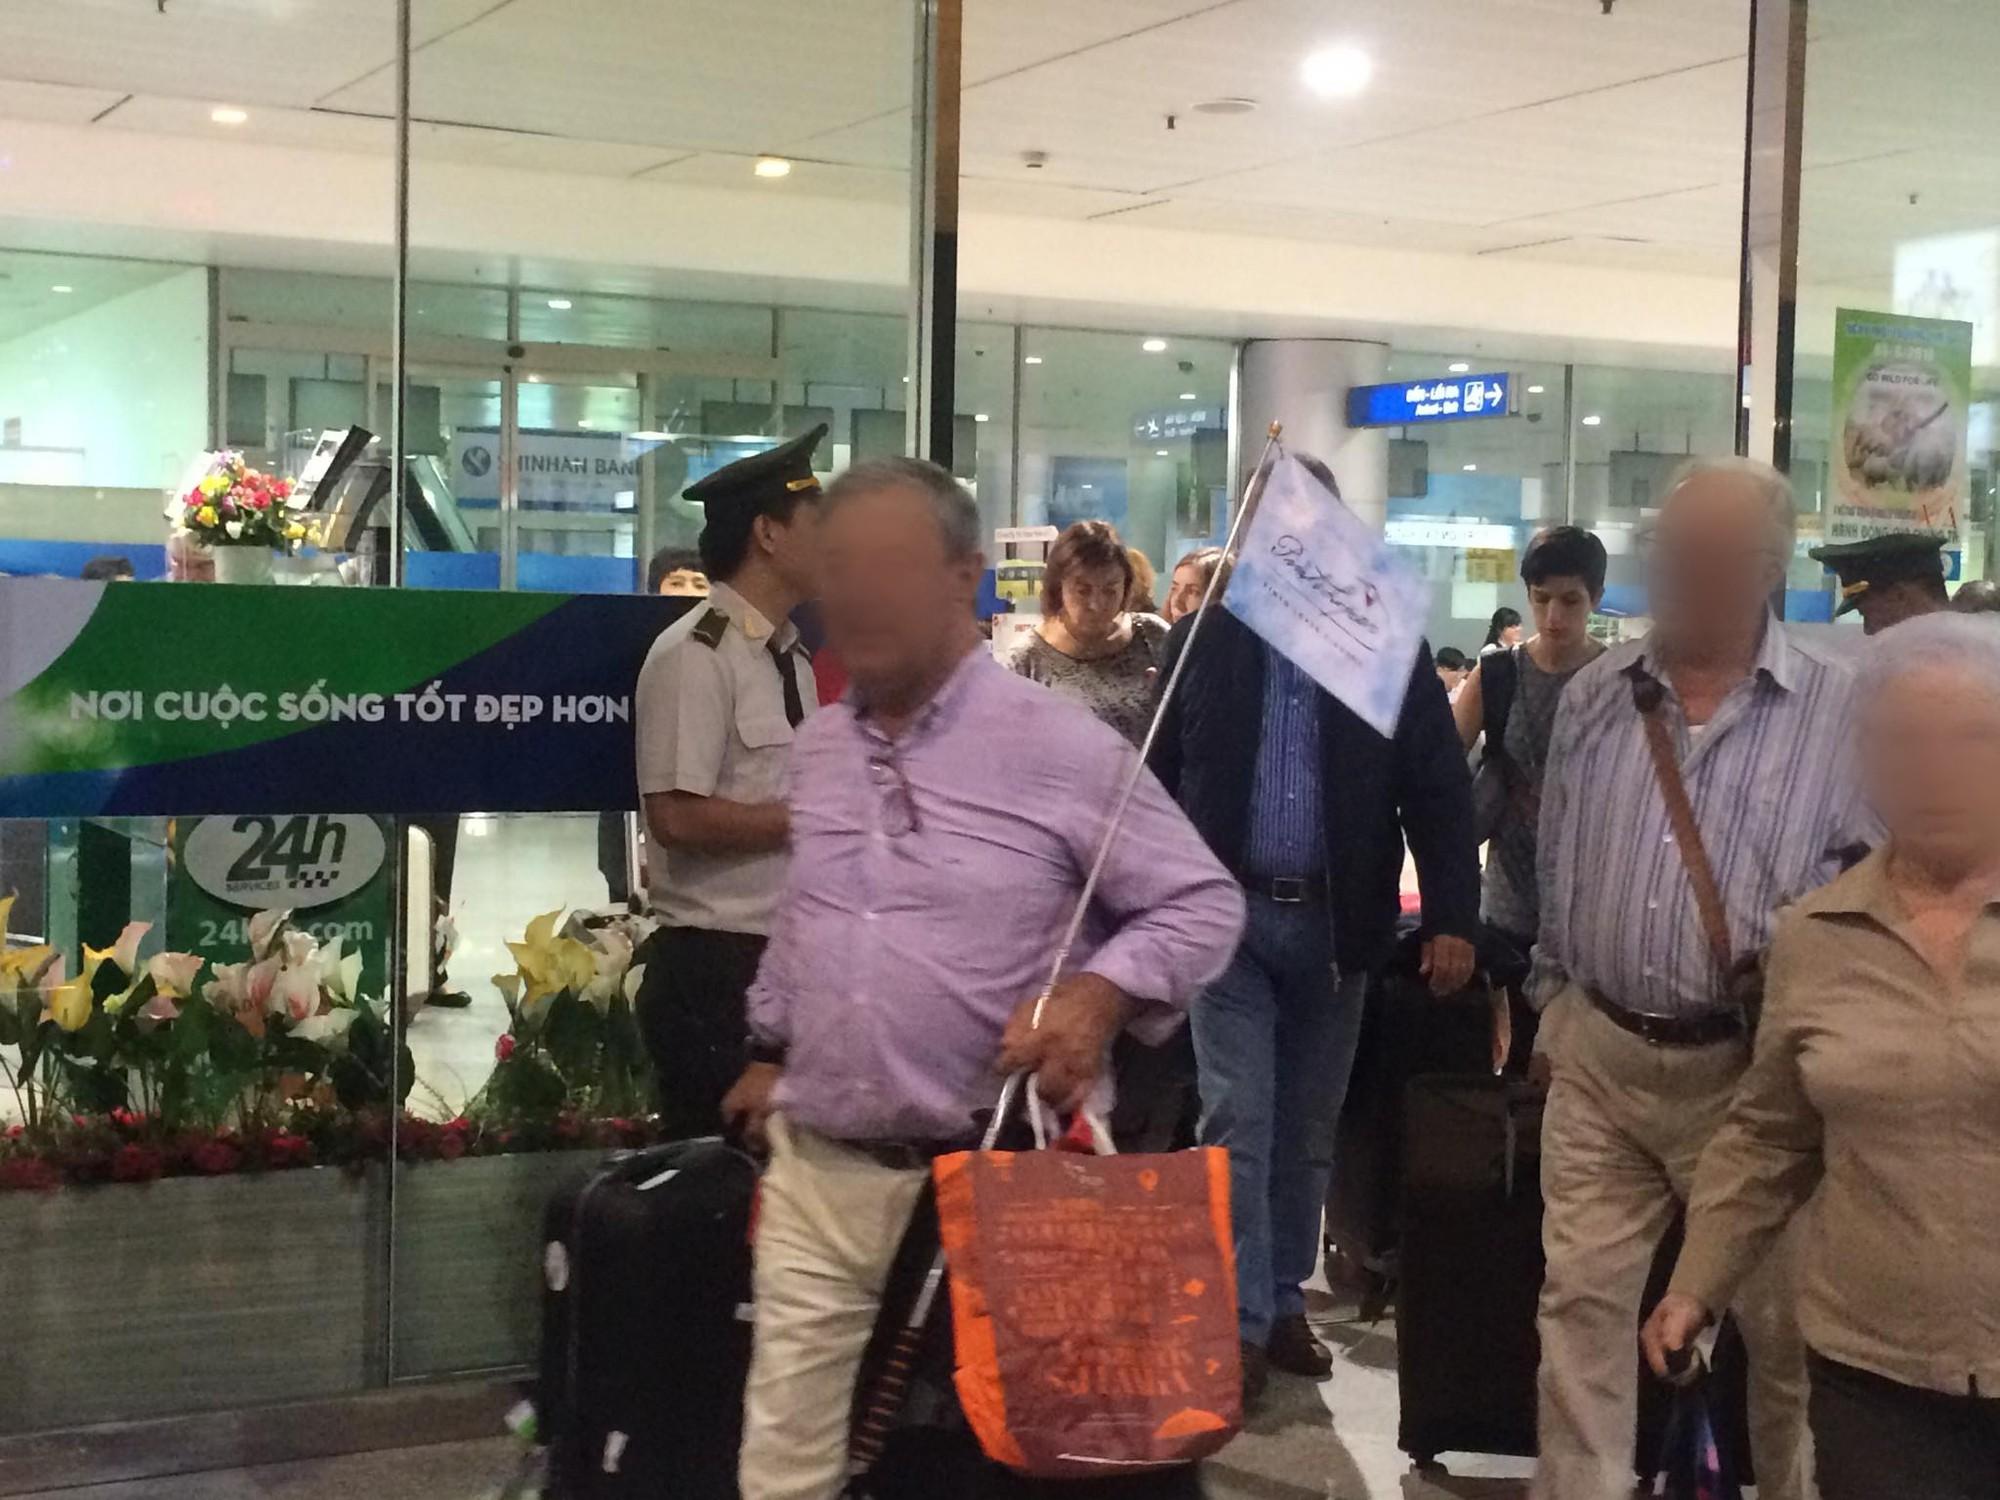 Du khách Trung Quốc nhảy lầu tự tử ở Sân bay Tân Sơn Nhất - Ảnh 1.